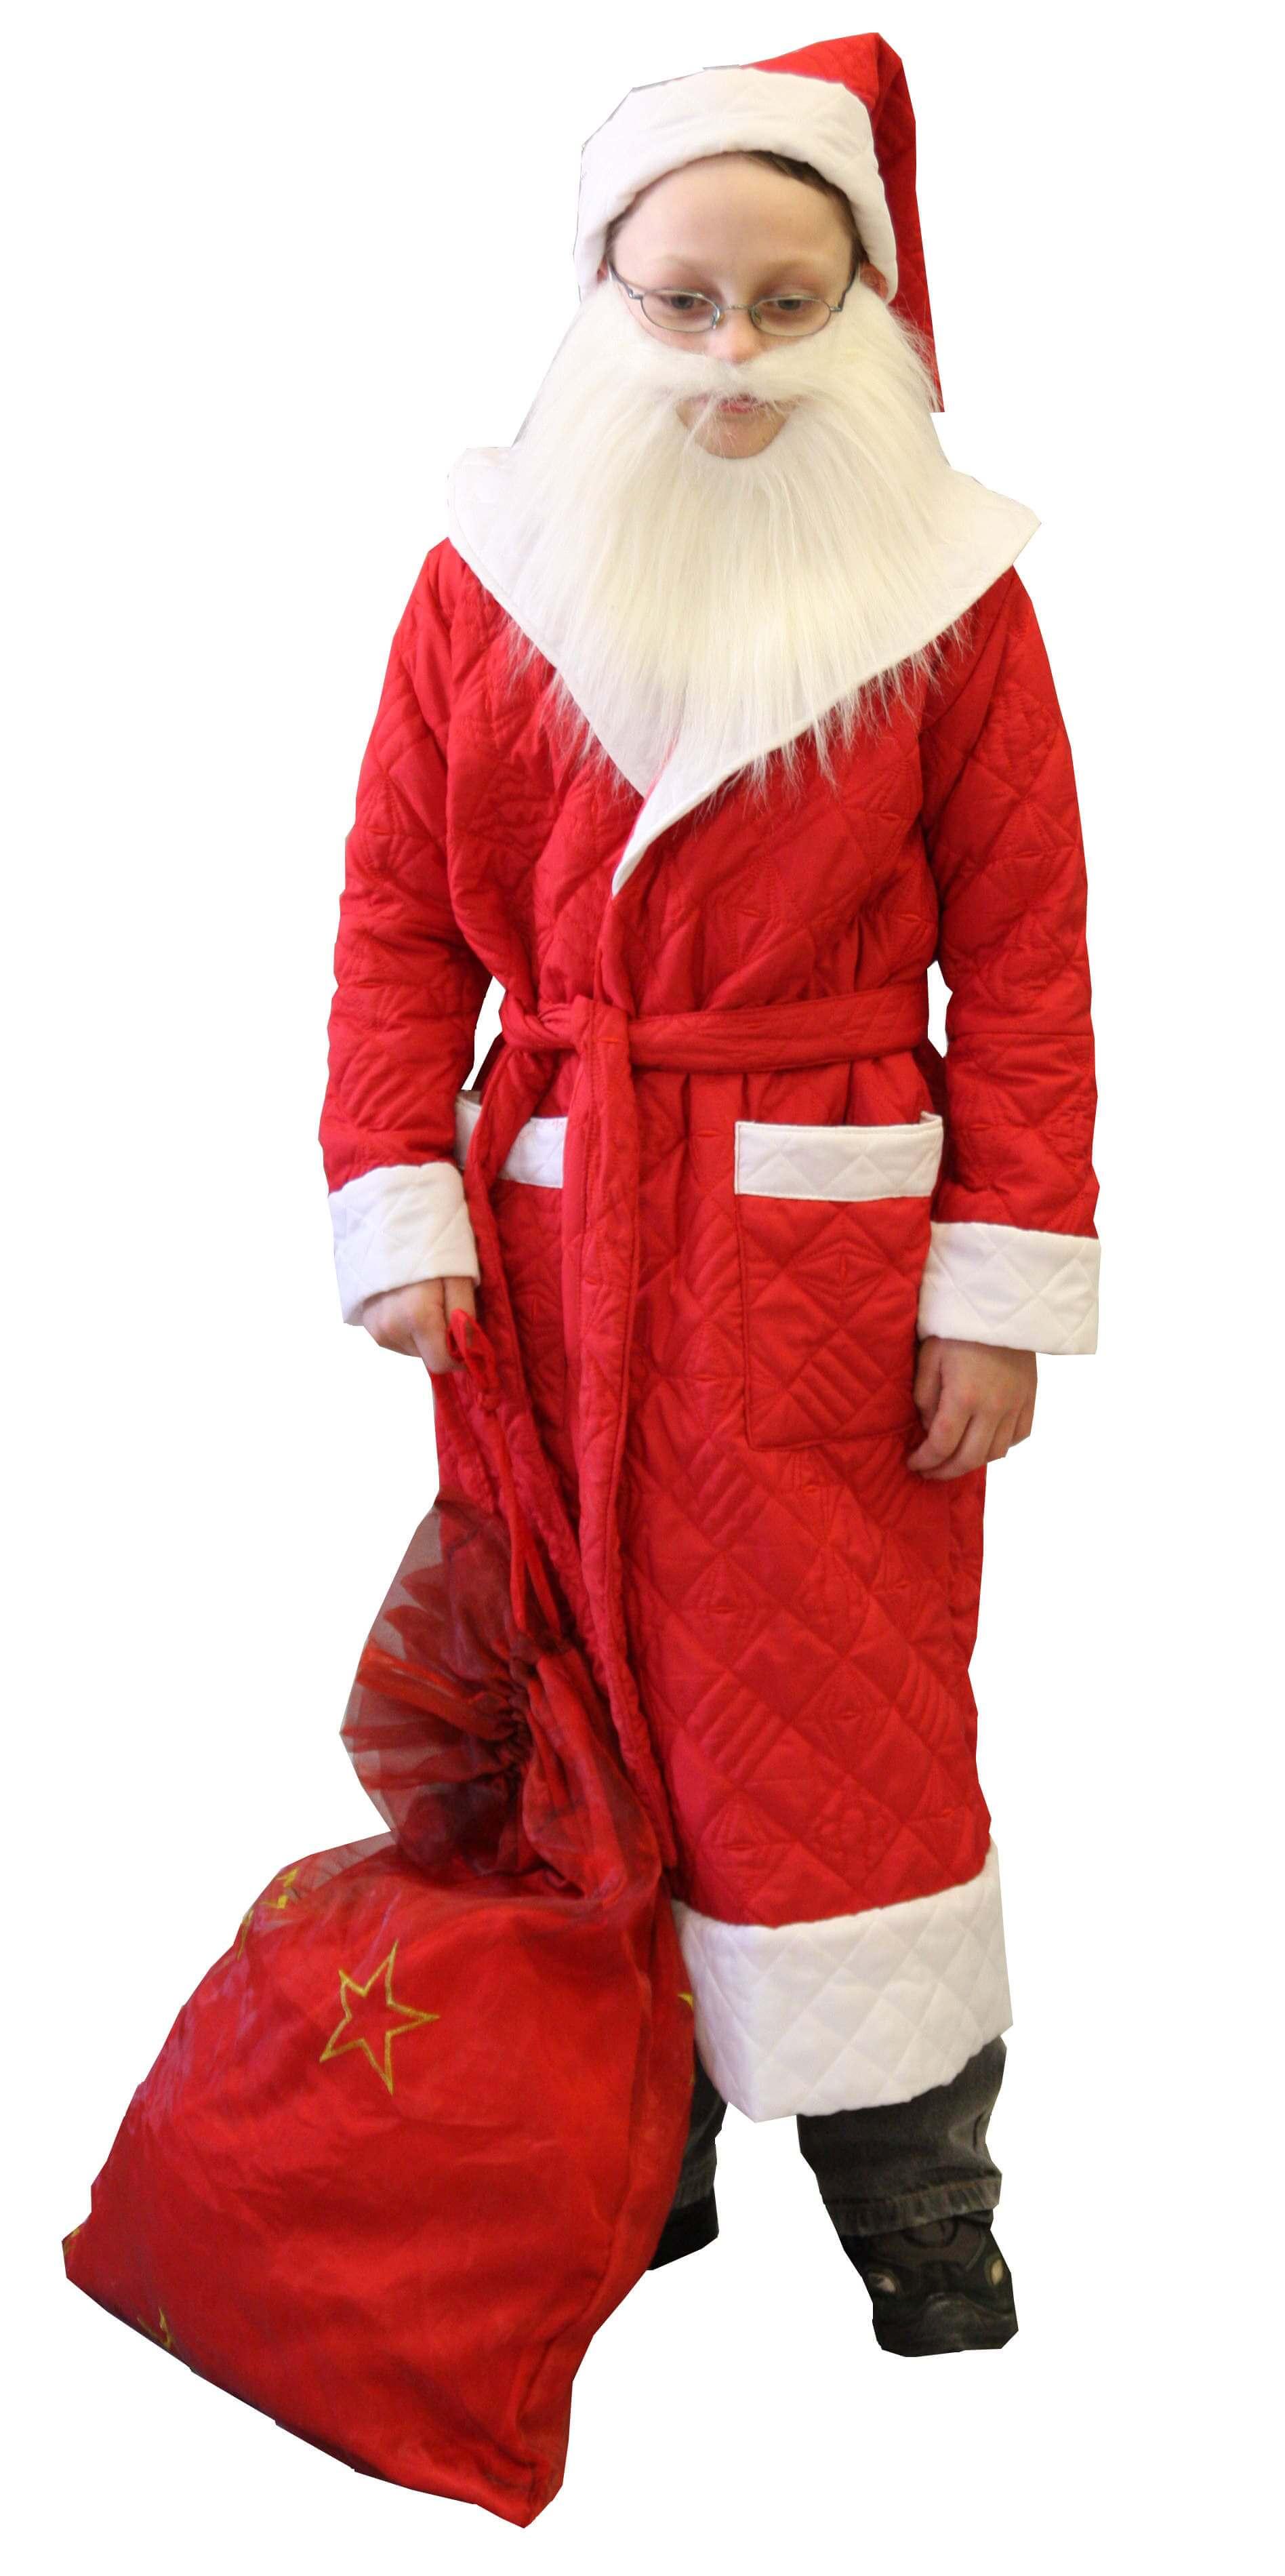 Senio šalčio kostiumas. Kalėdų karnavaliniai kostiumai. Karnavalinių kostiumų nuoma vaikams Vilniuje - pasakunamai.lt